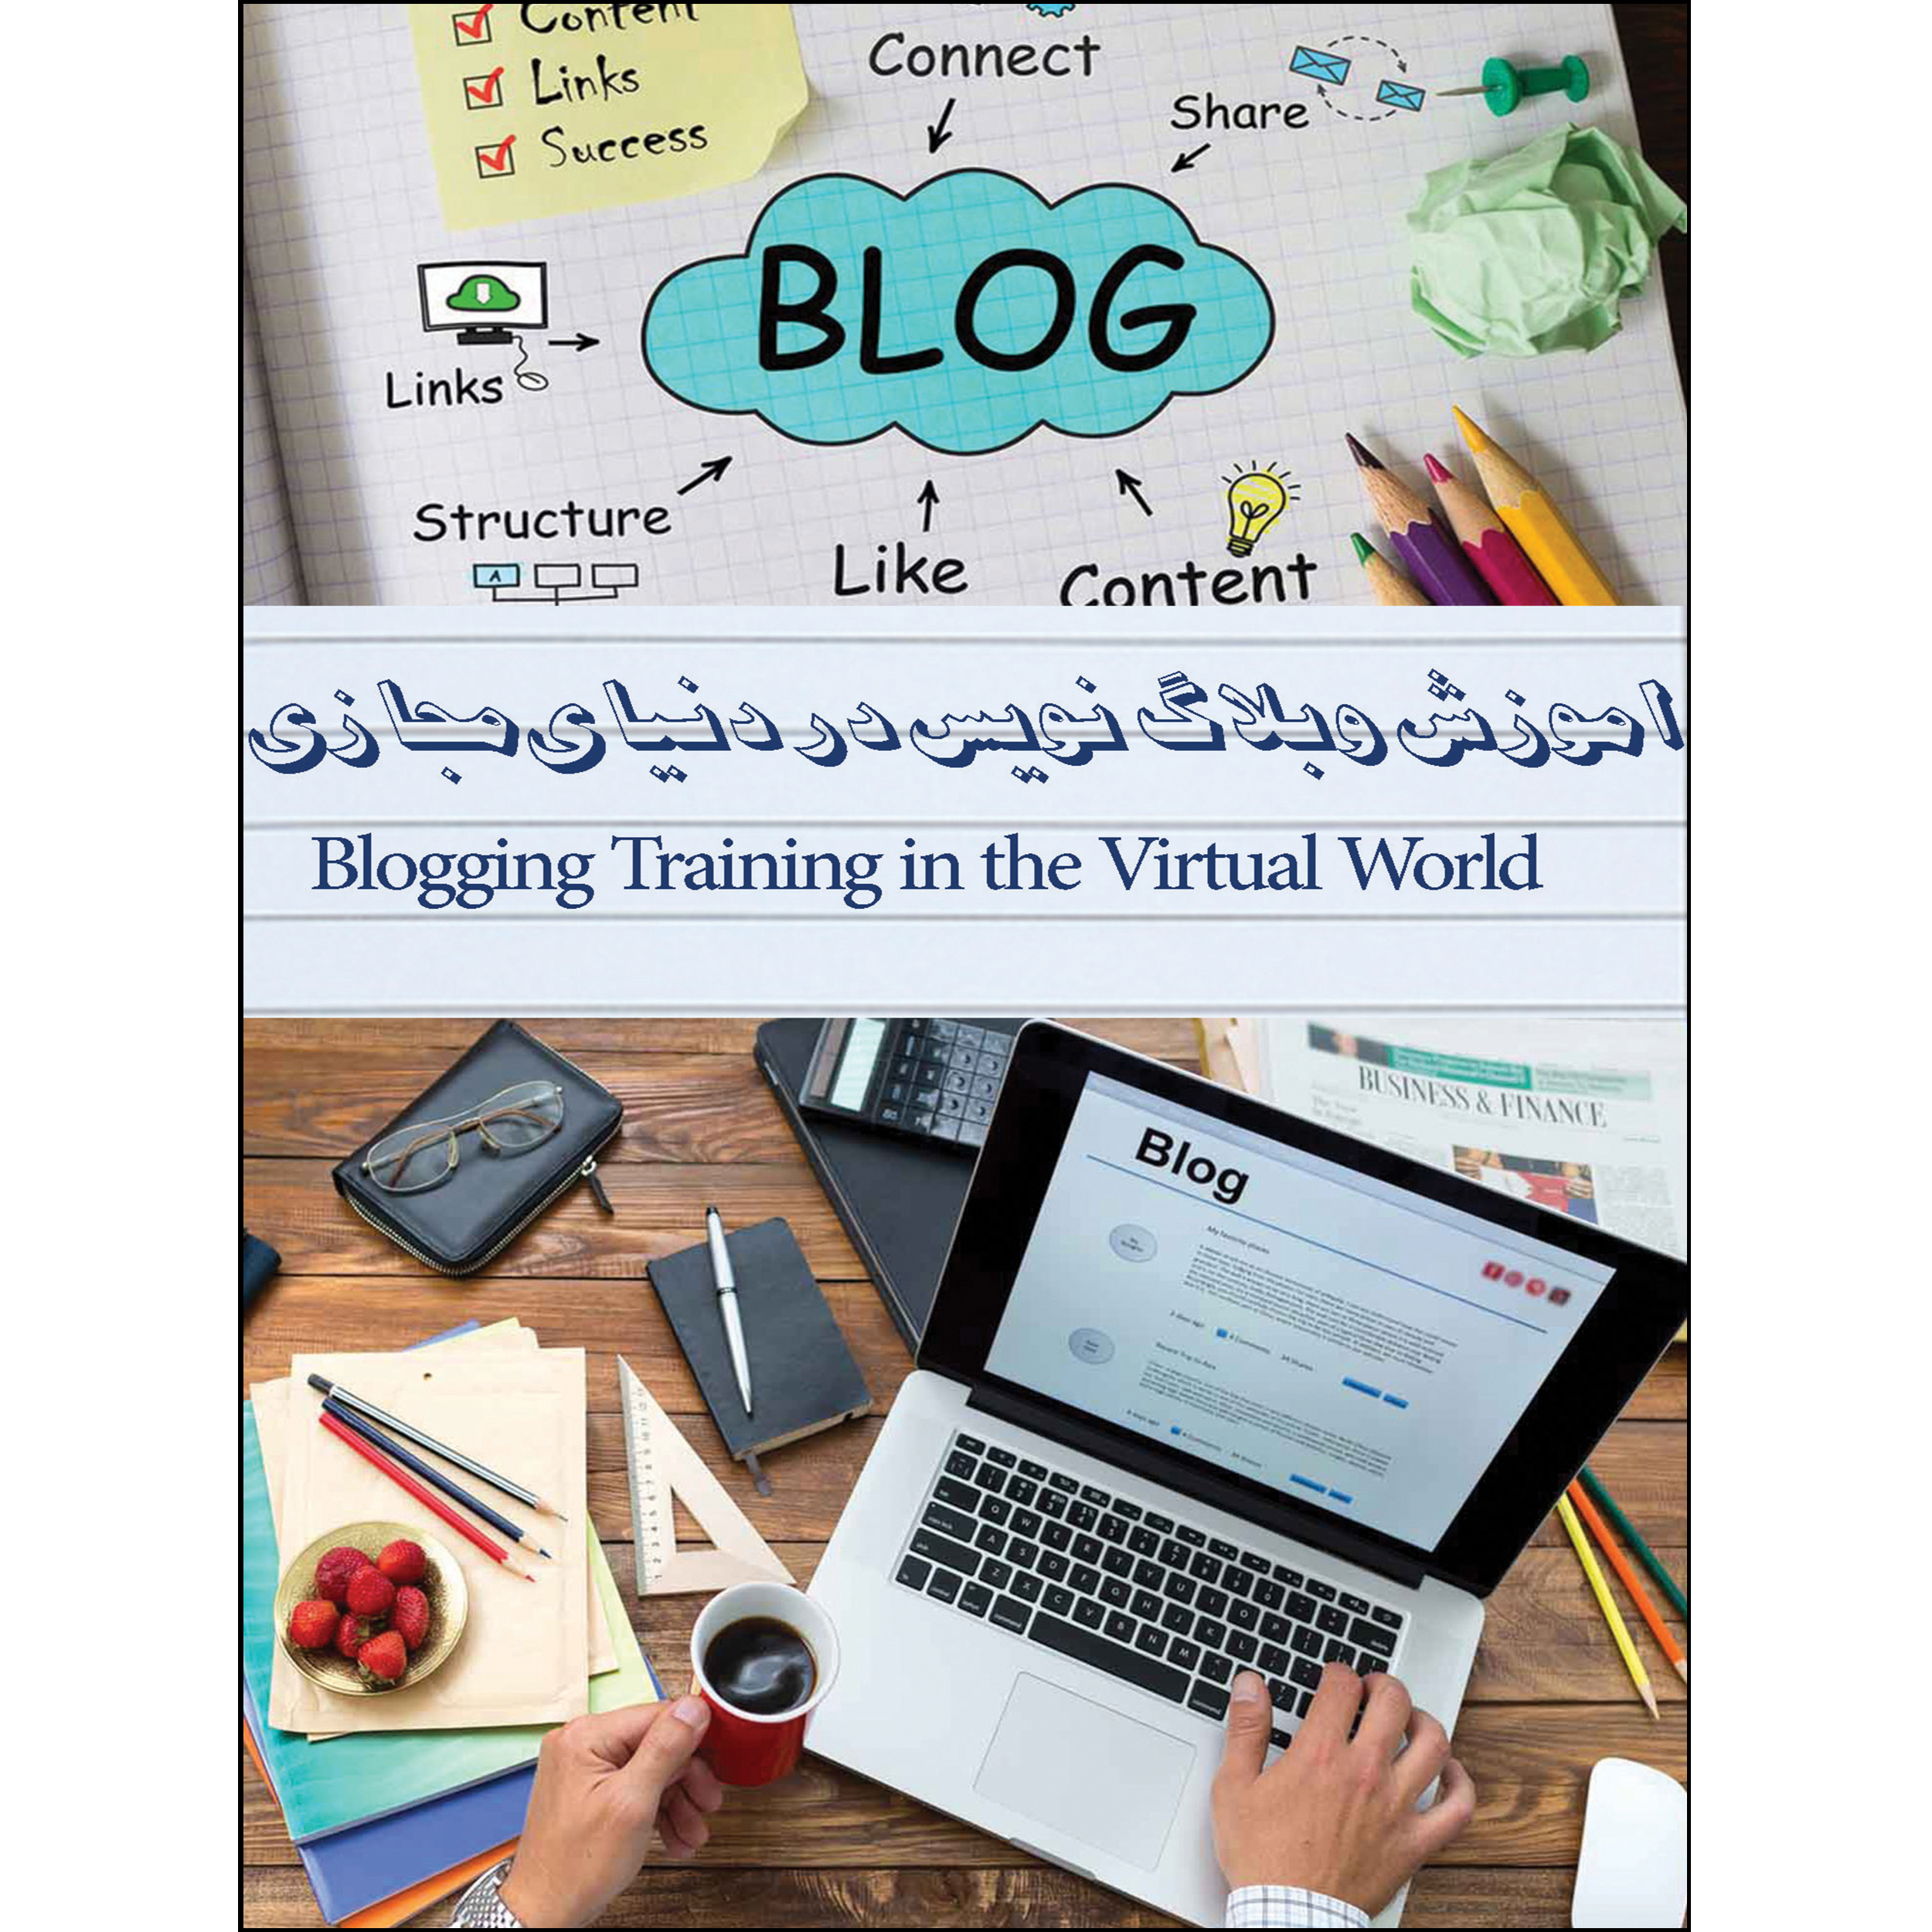 نرم افزار آموزش وبلاگ نویس در دنیای مجازی نشر الکترونیک پانا